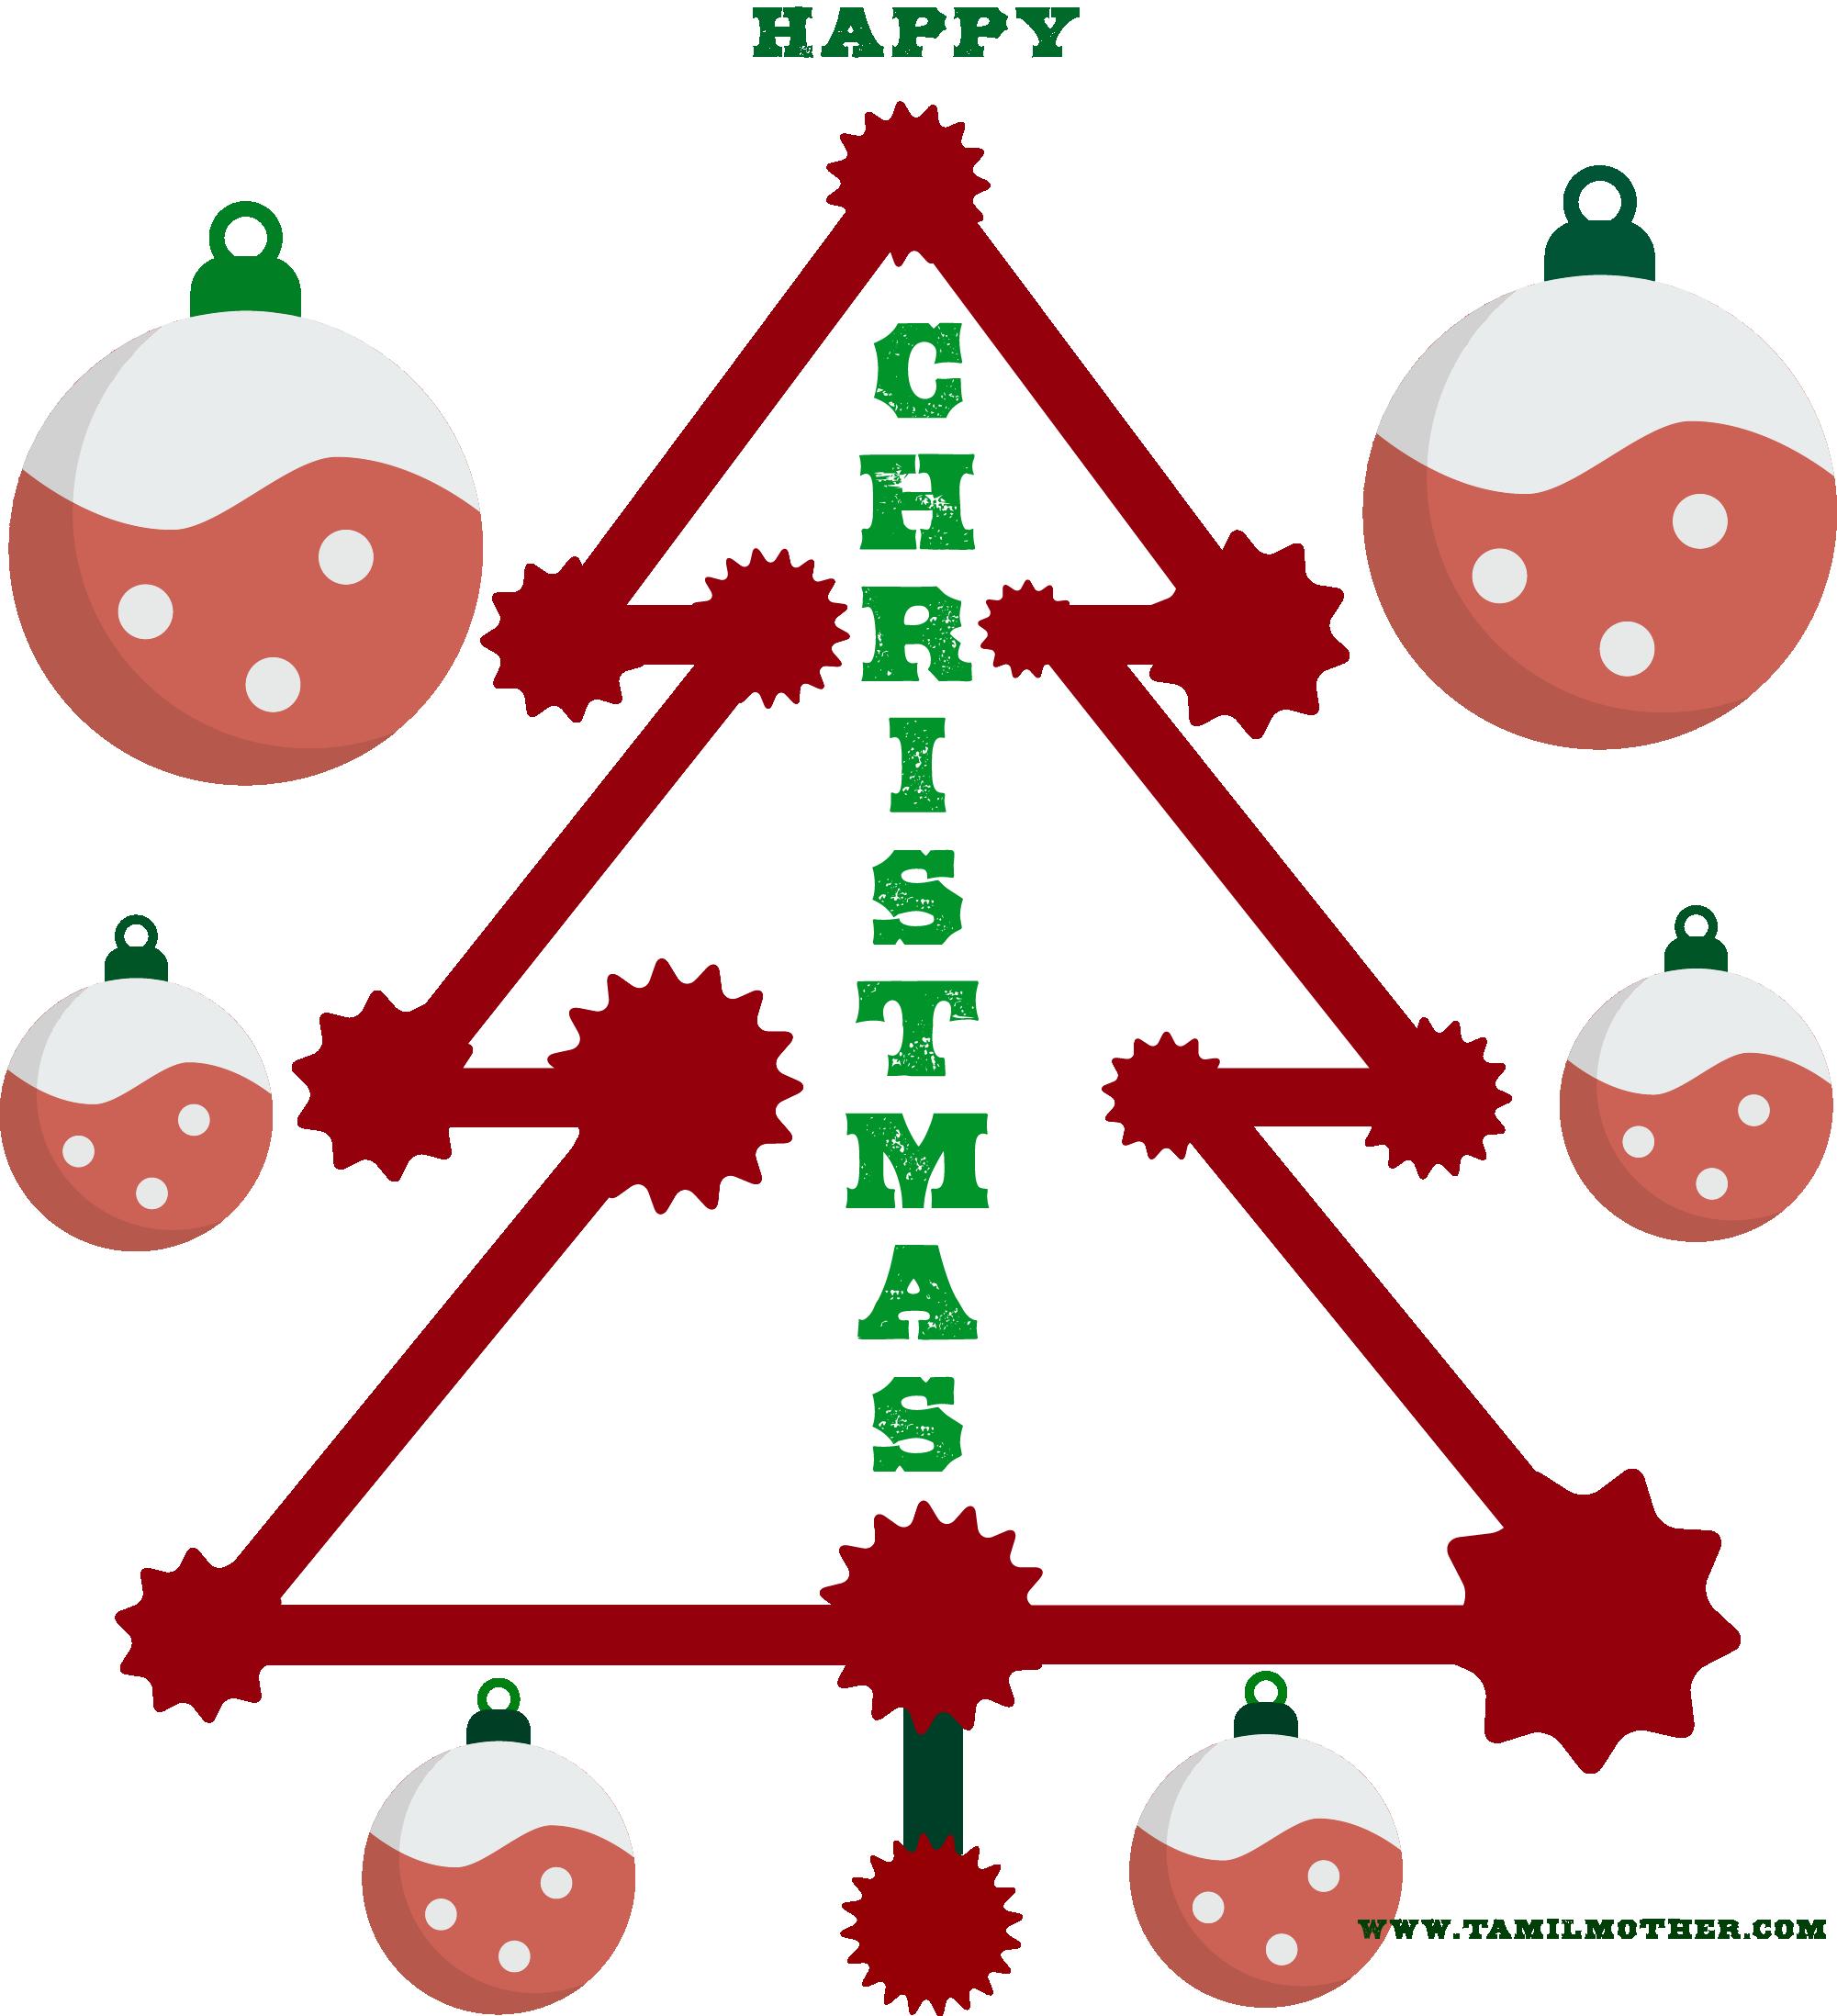 இனிய கிறிஸ்துமஸ் வாழ்த்துக்கள் , Happy Christmas wishes